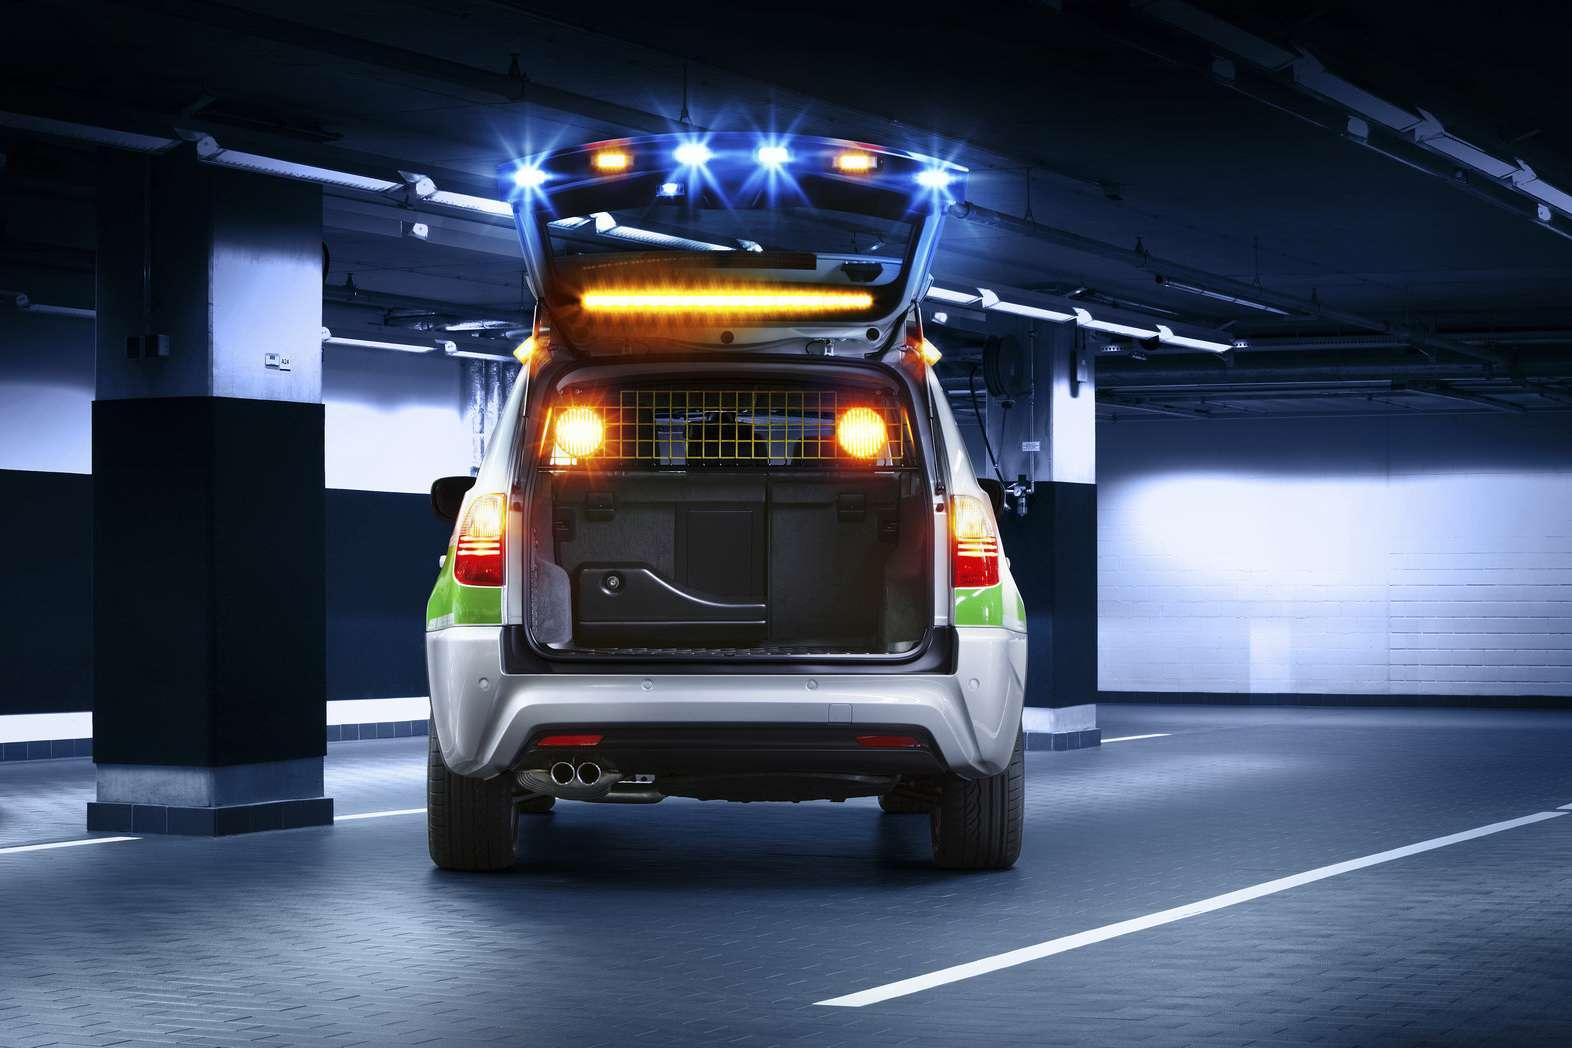 BMW X3 Police Car 2010